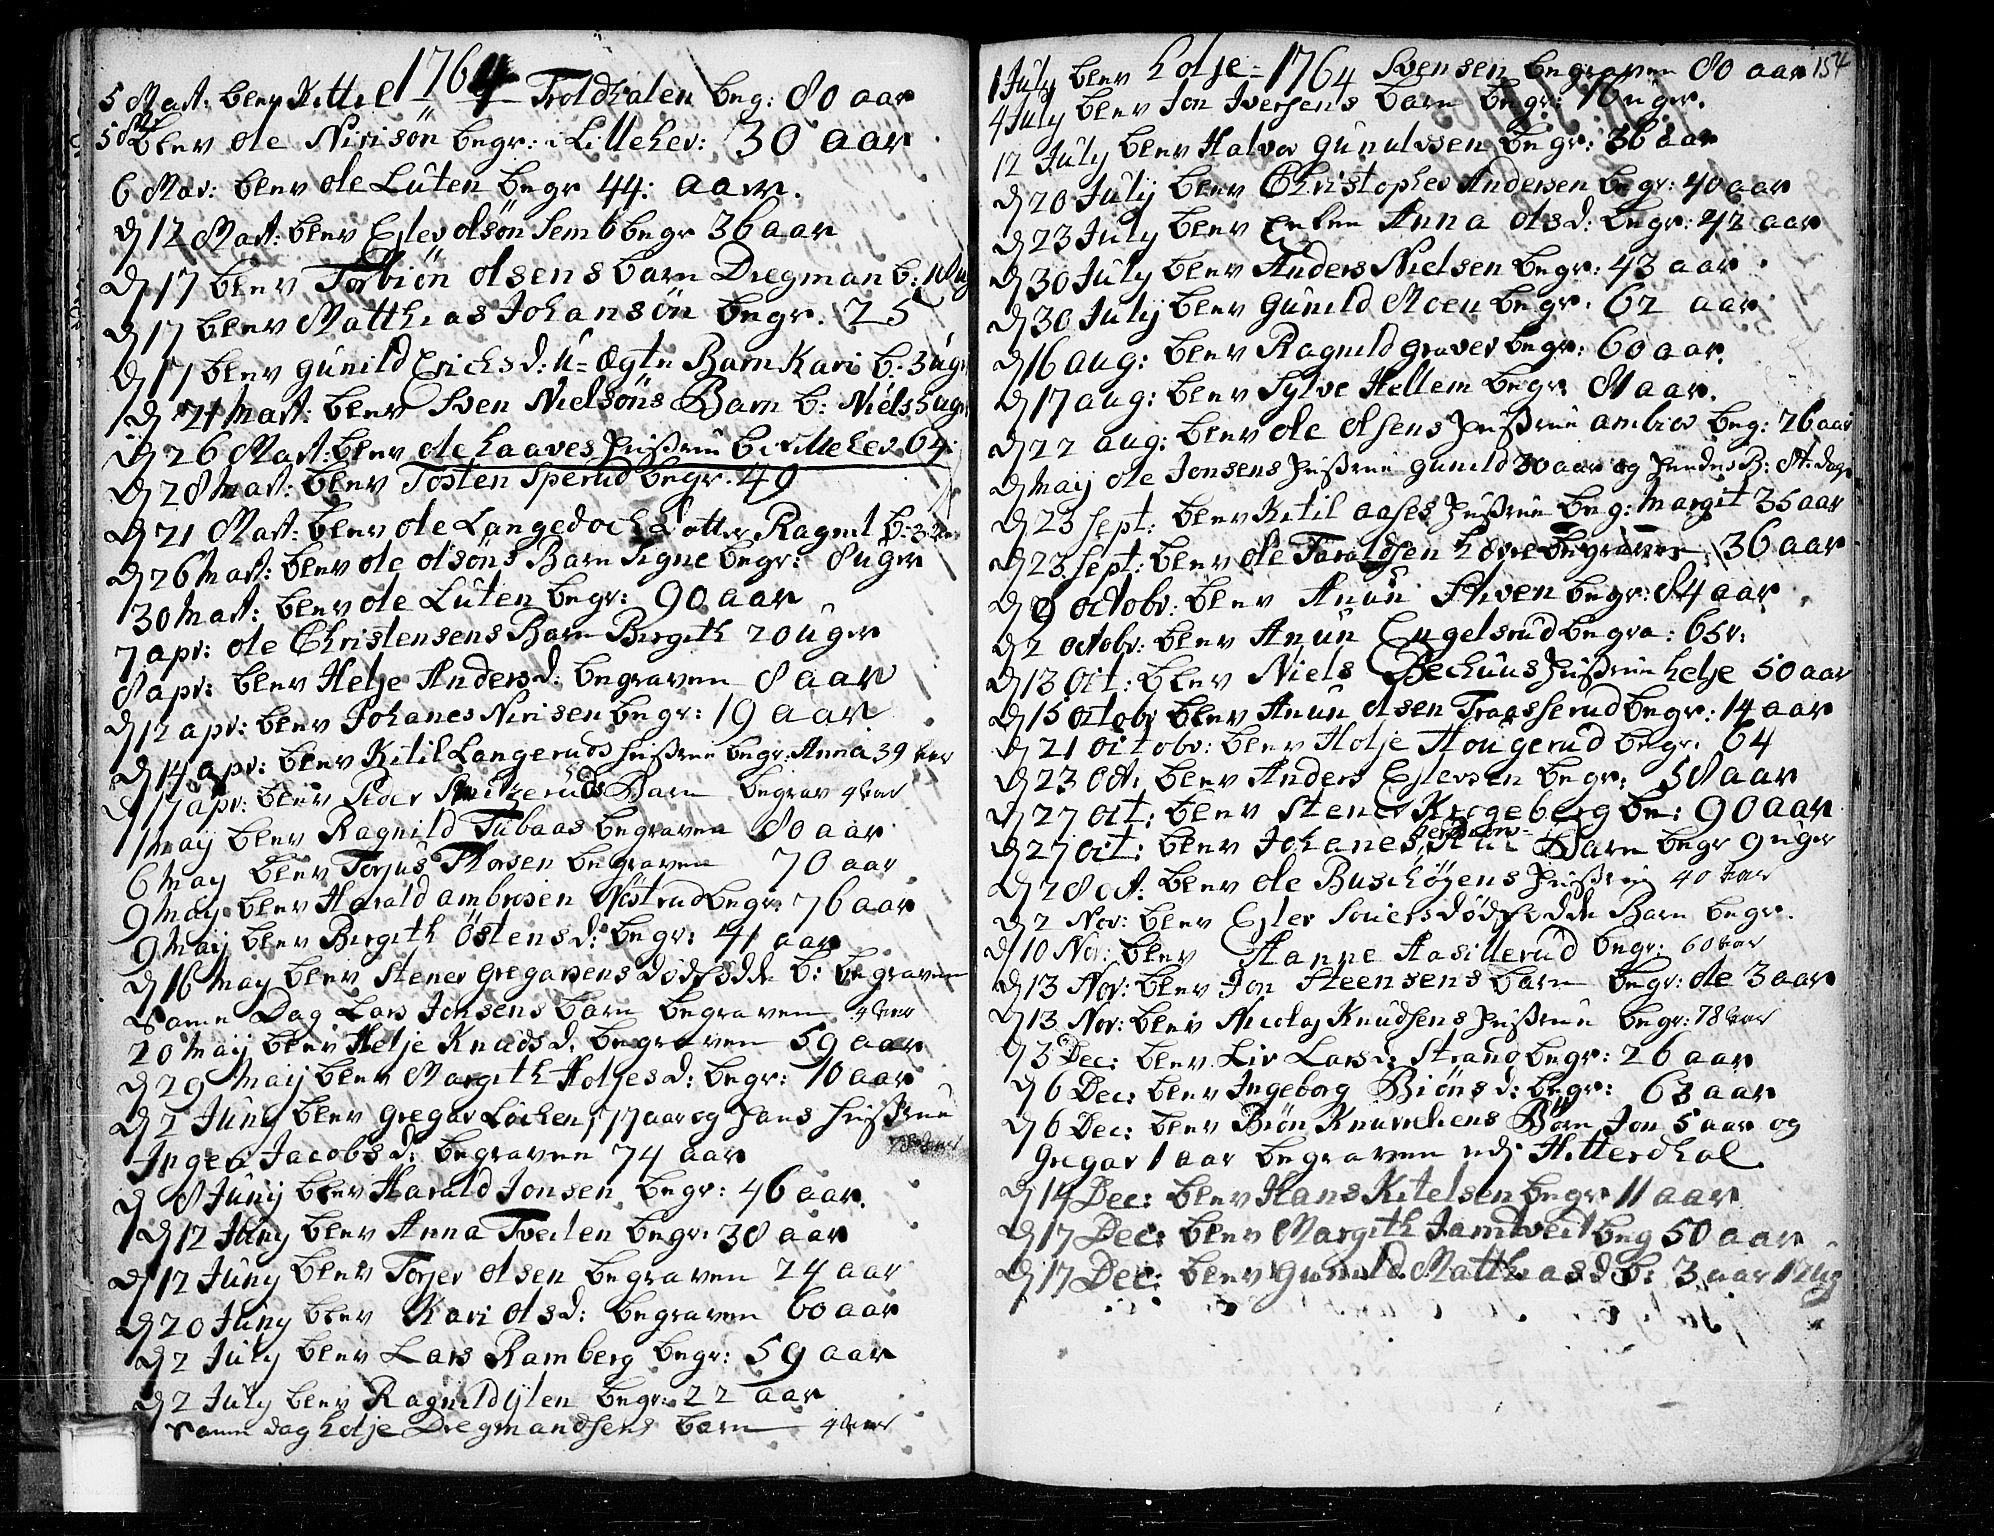 SAKO, Heddal kirkebøker, F/Fa/L0003: Ministerialbok nr. I 3, 1723-1783, s. 154